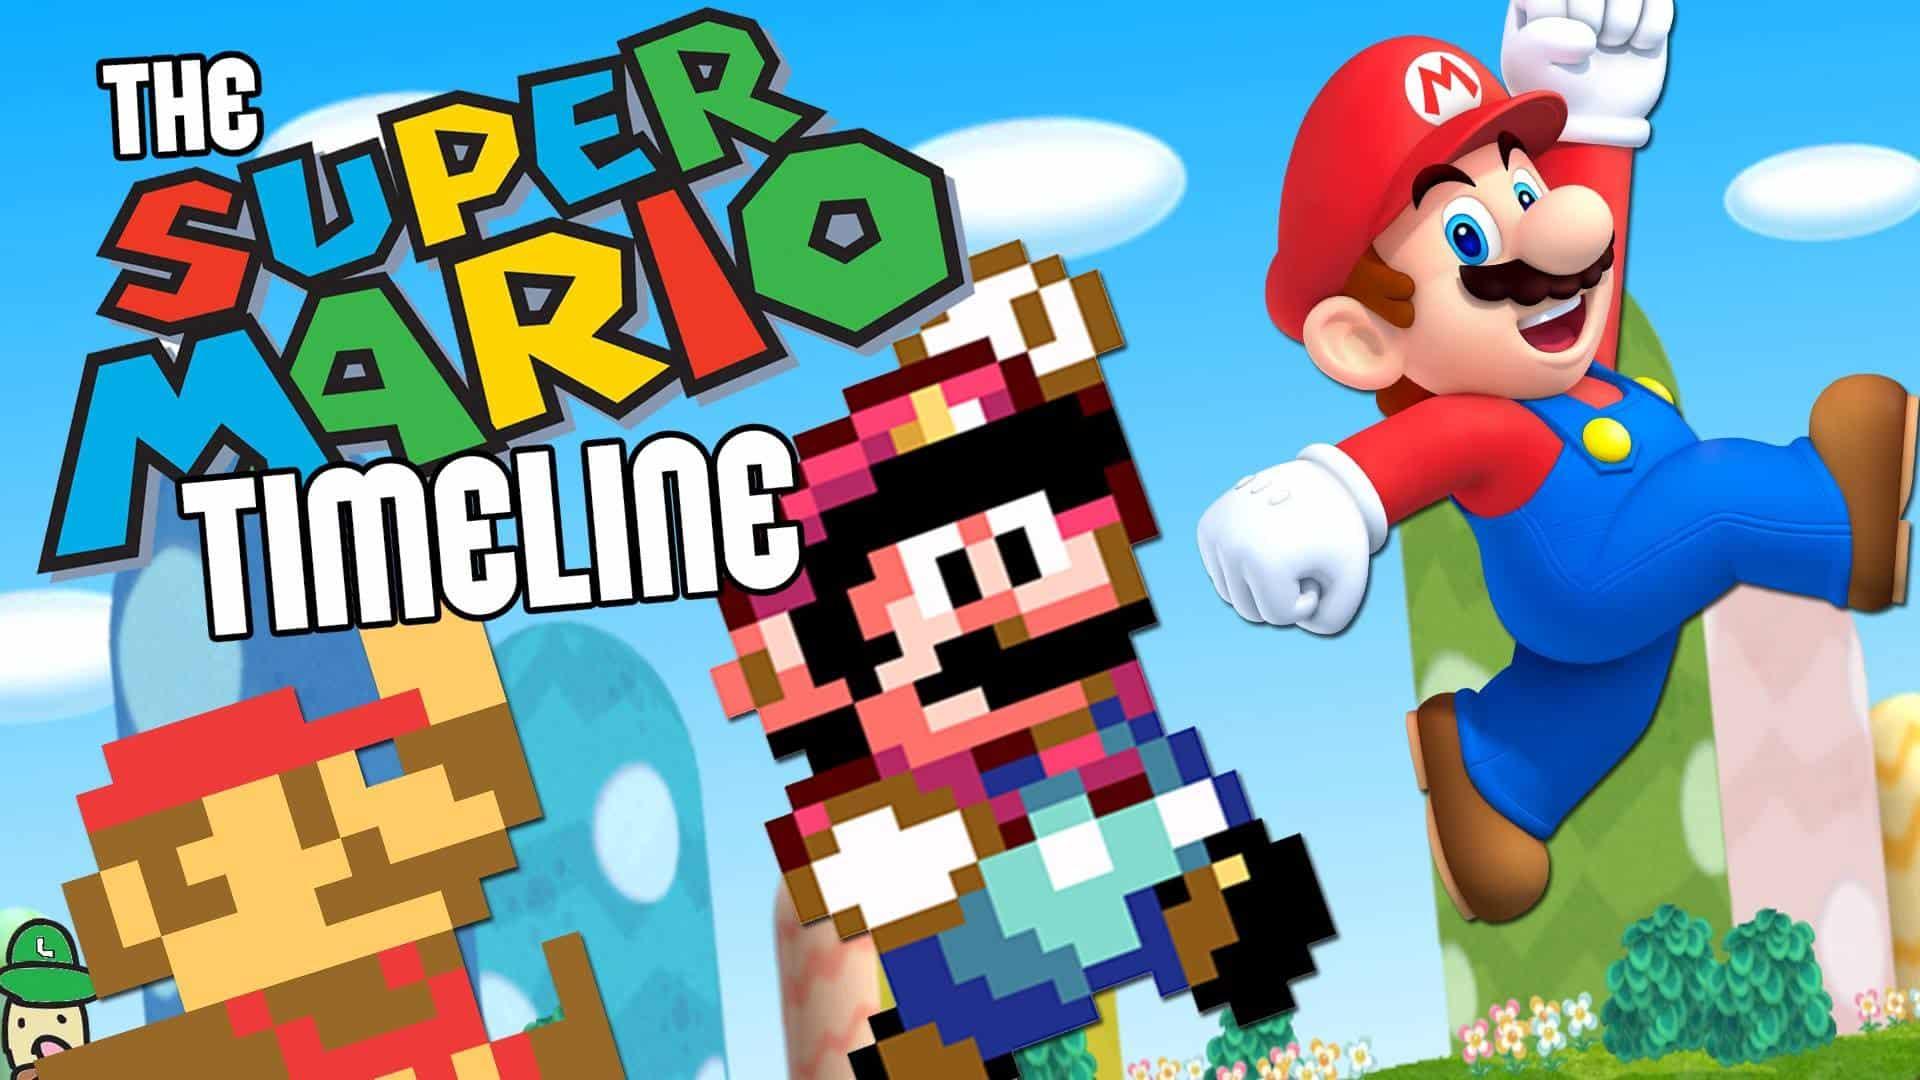 Mario Games - Arcade Spot